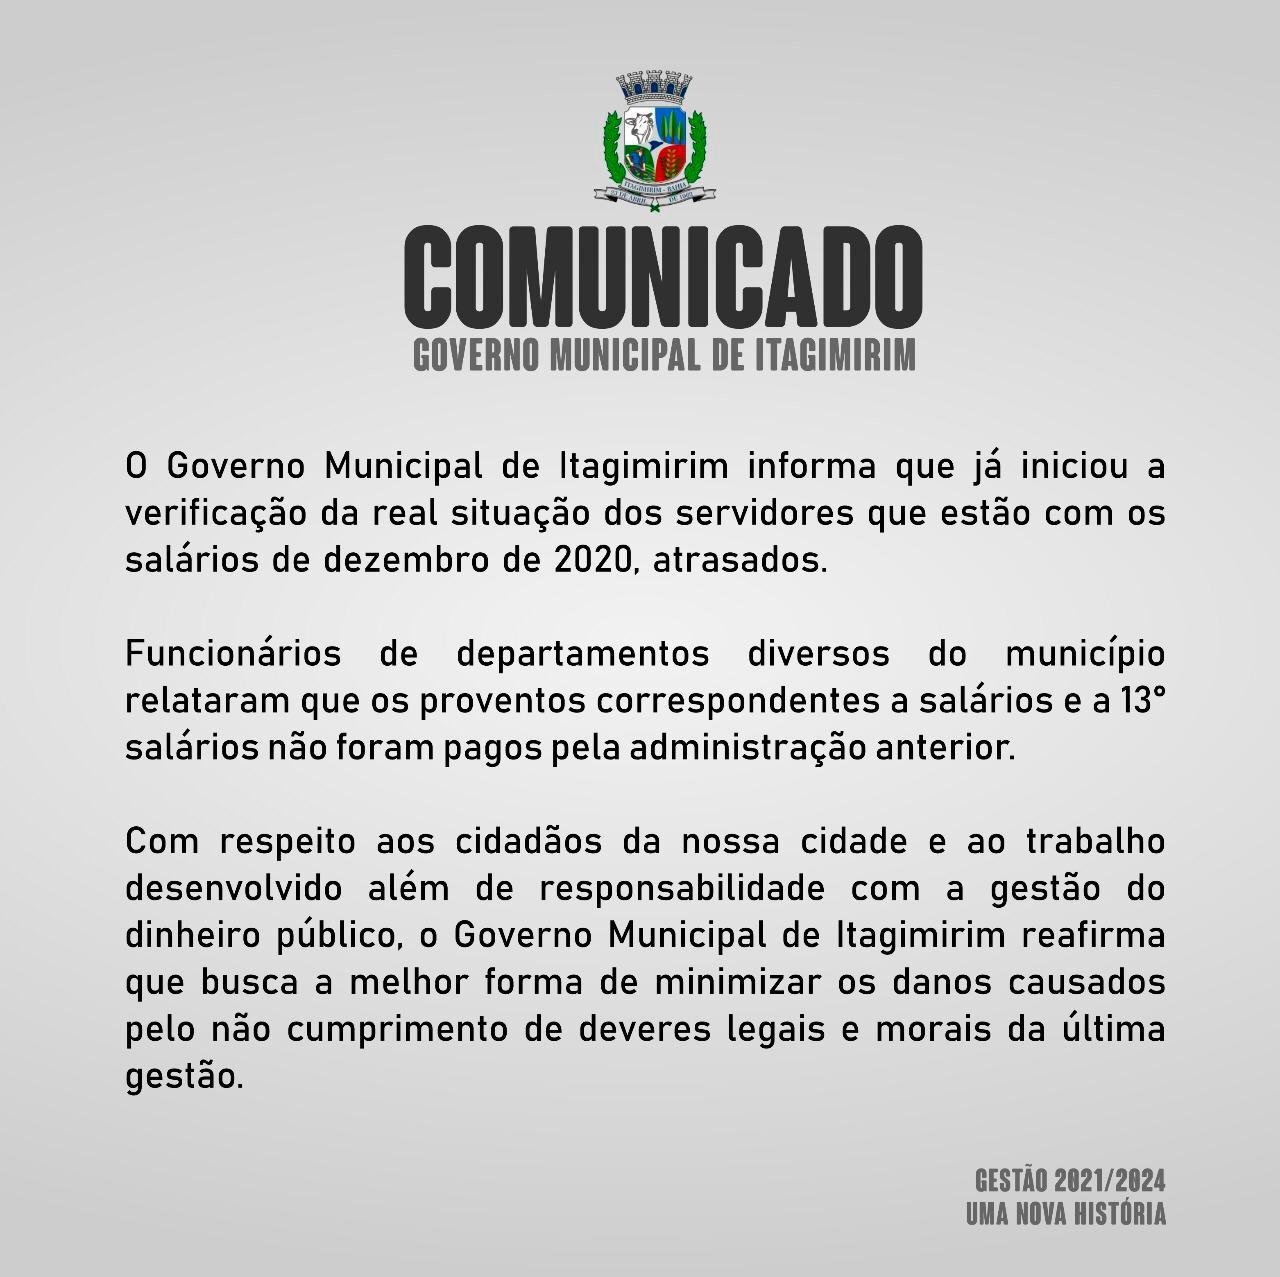 COMUNICADO - GOVERNO MUNICIPAL DE ITAGIMIRIM 18